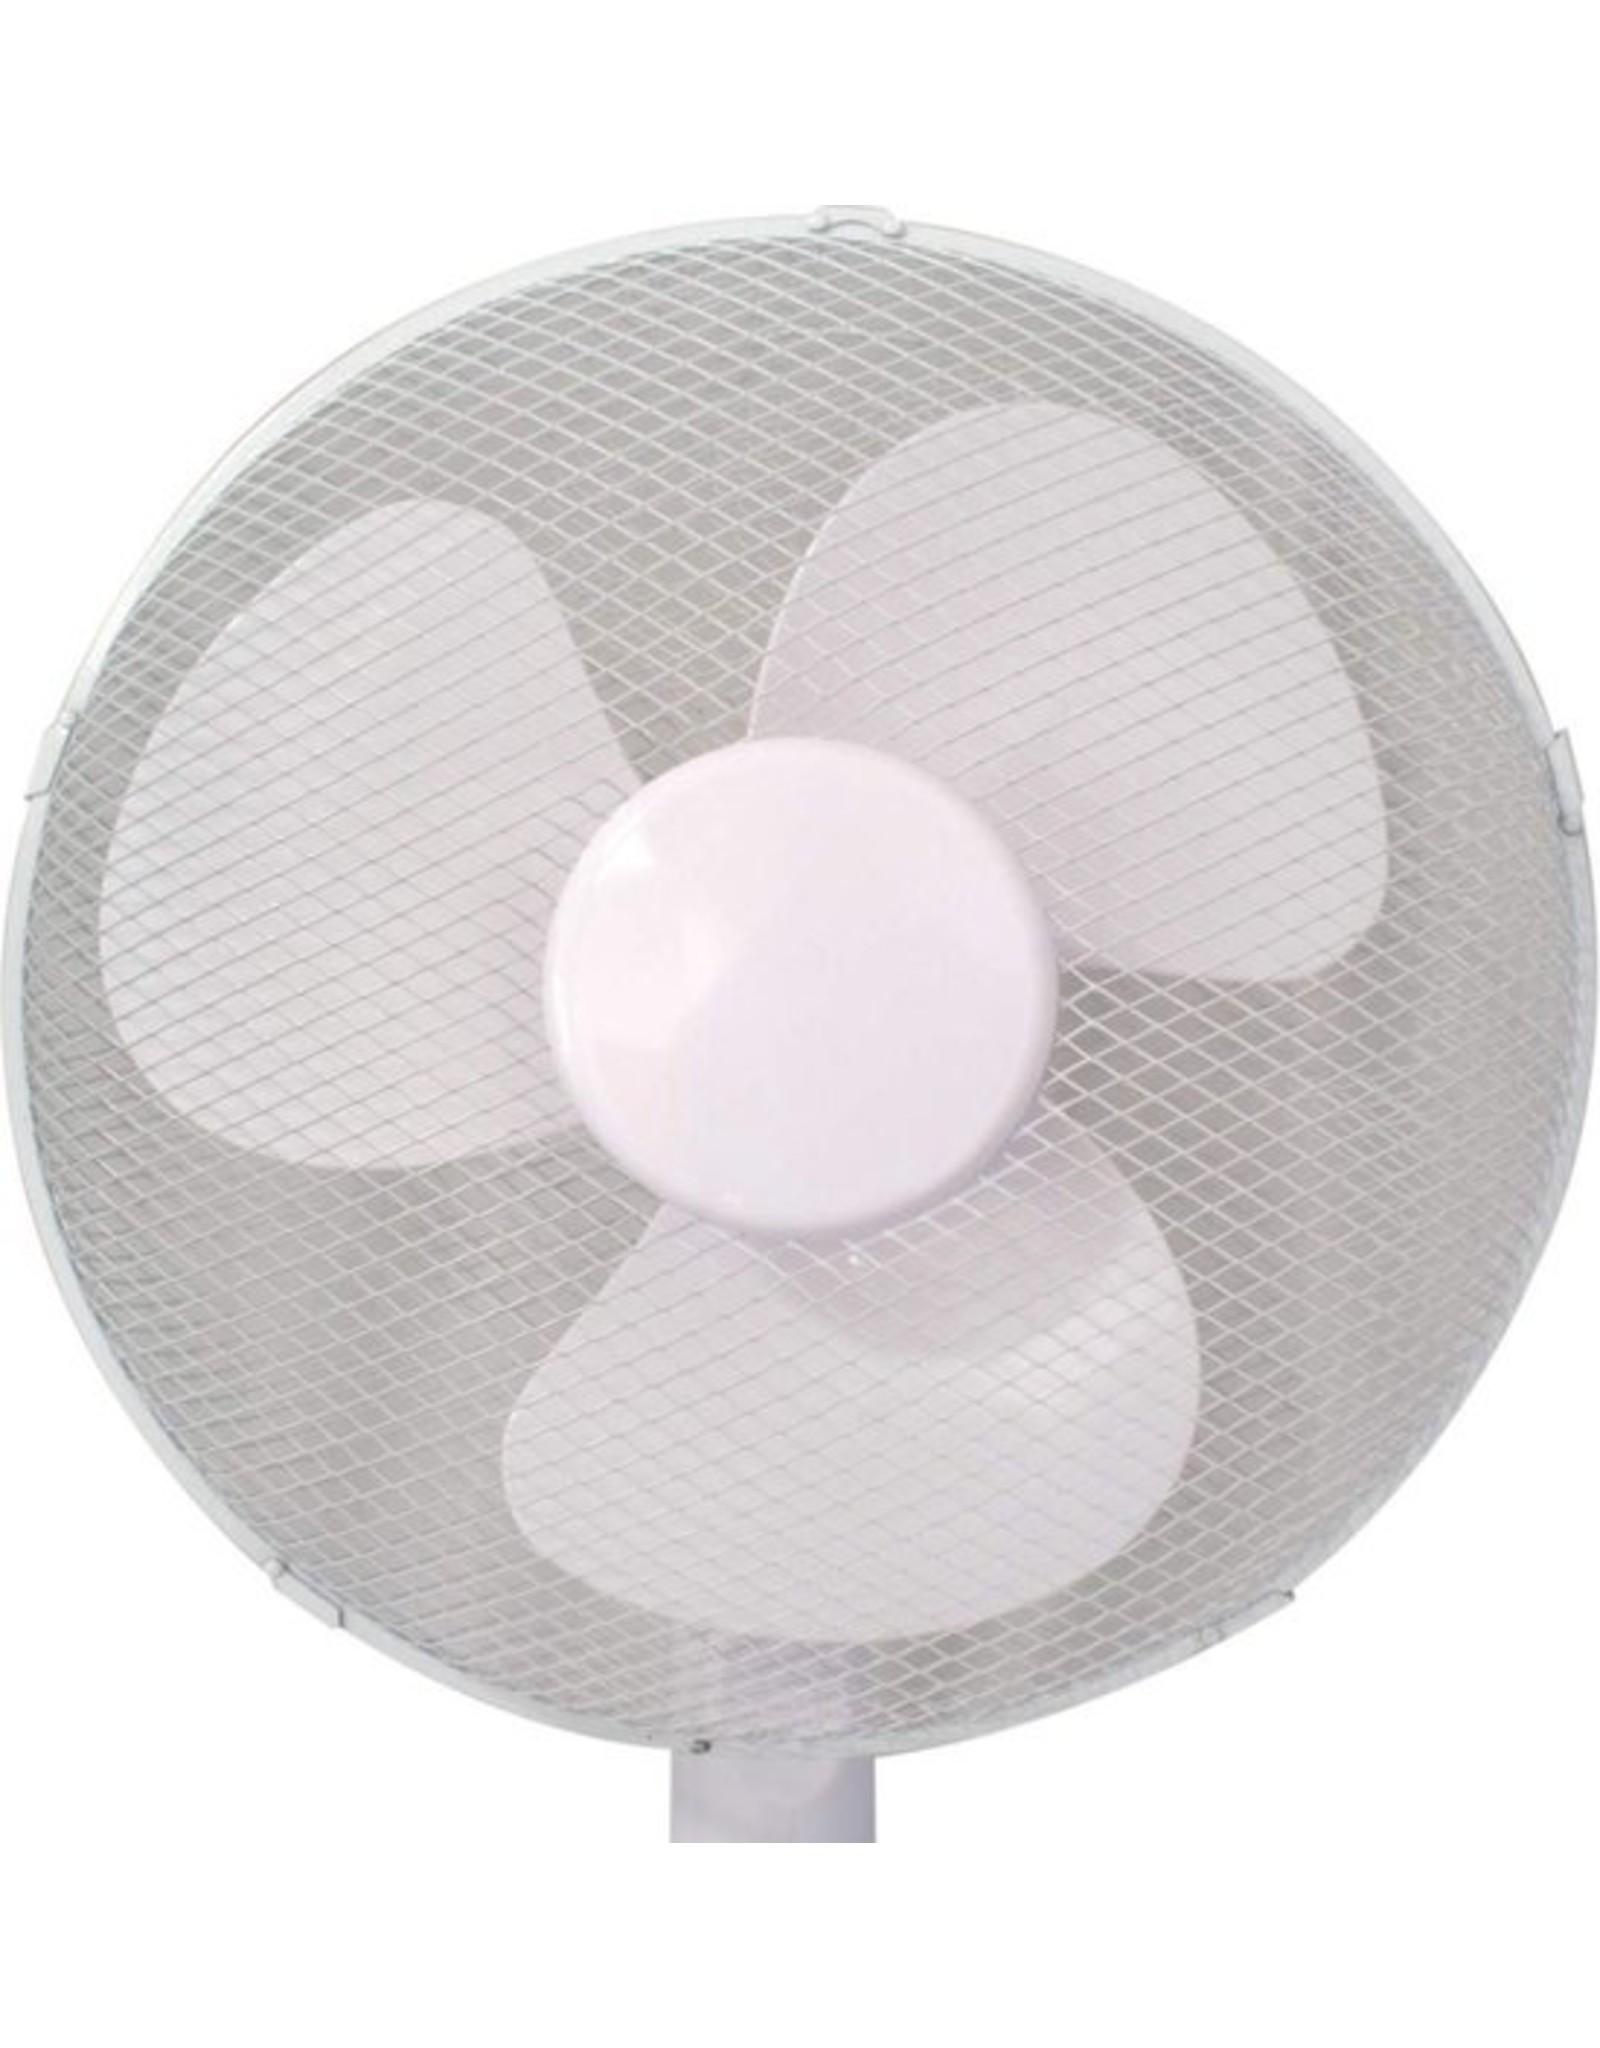 Cool Serie Statief ventilator - 40 cm diameter - 3 standen - Wit